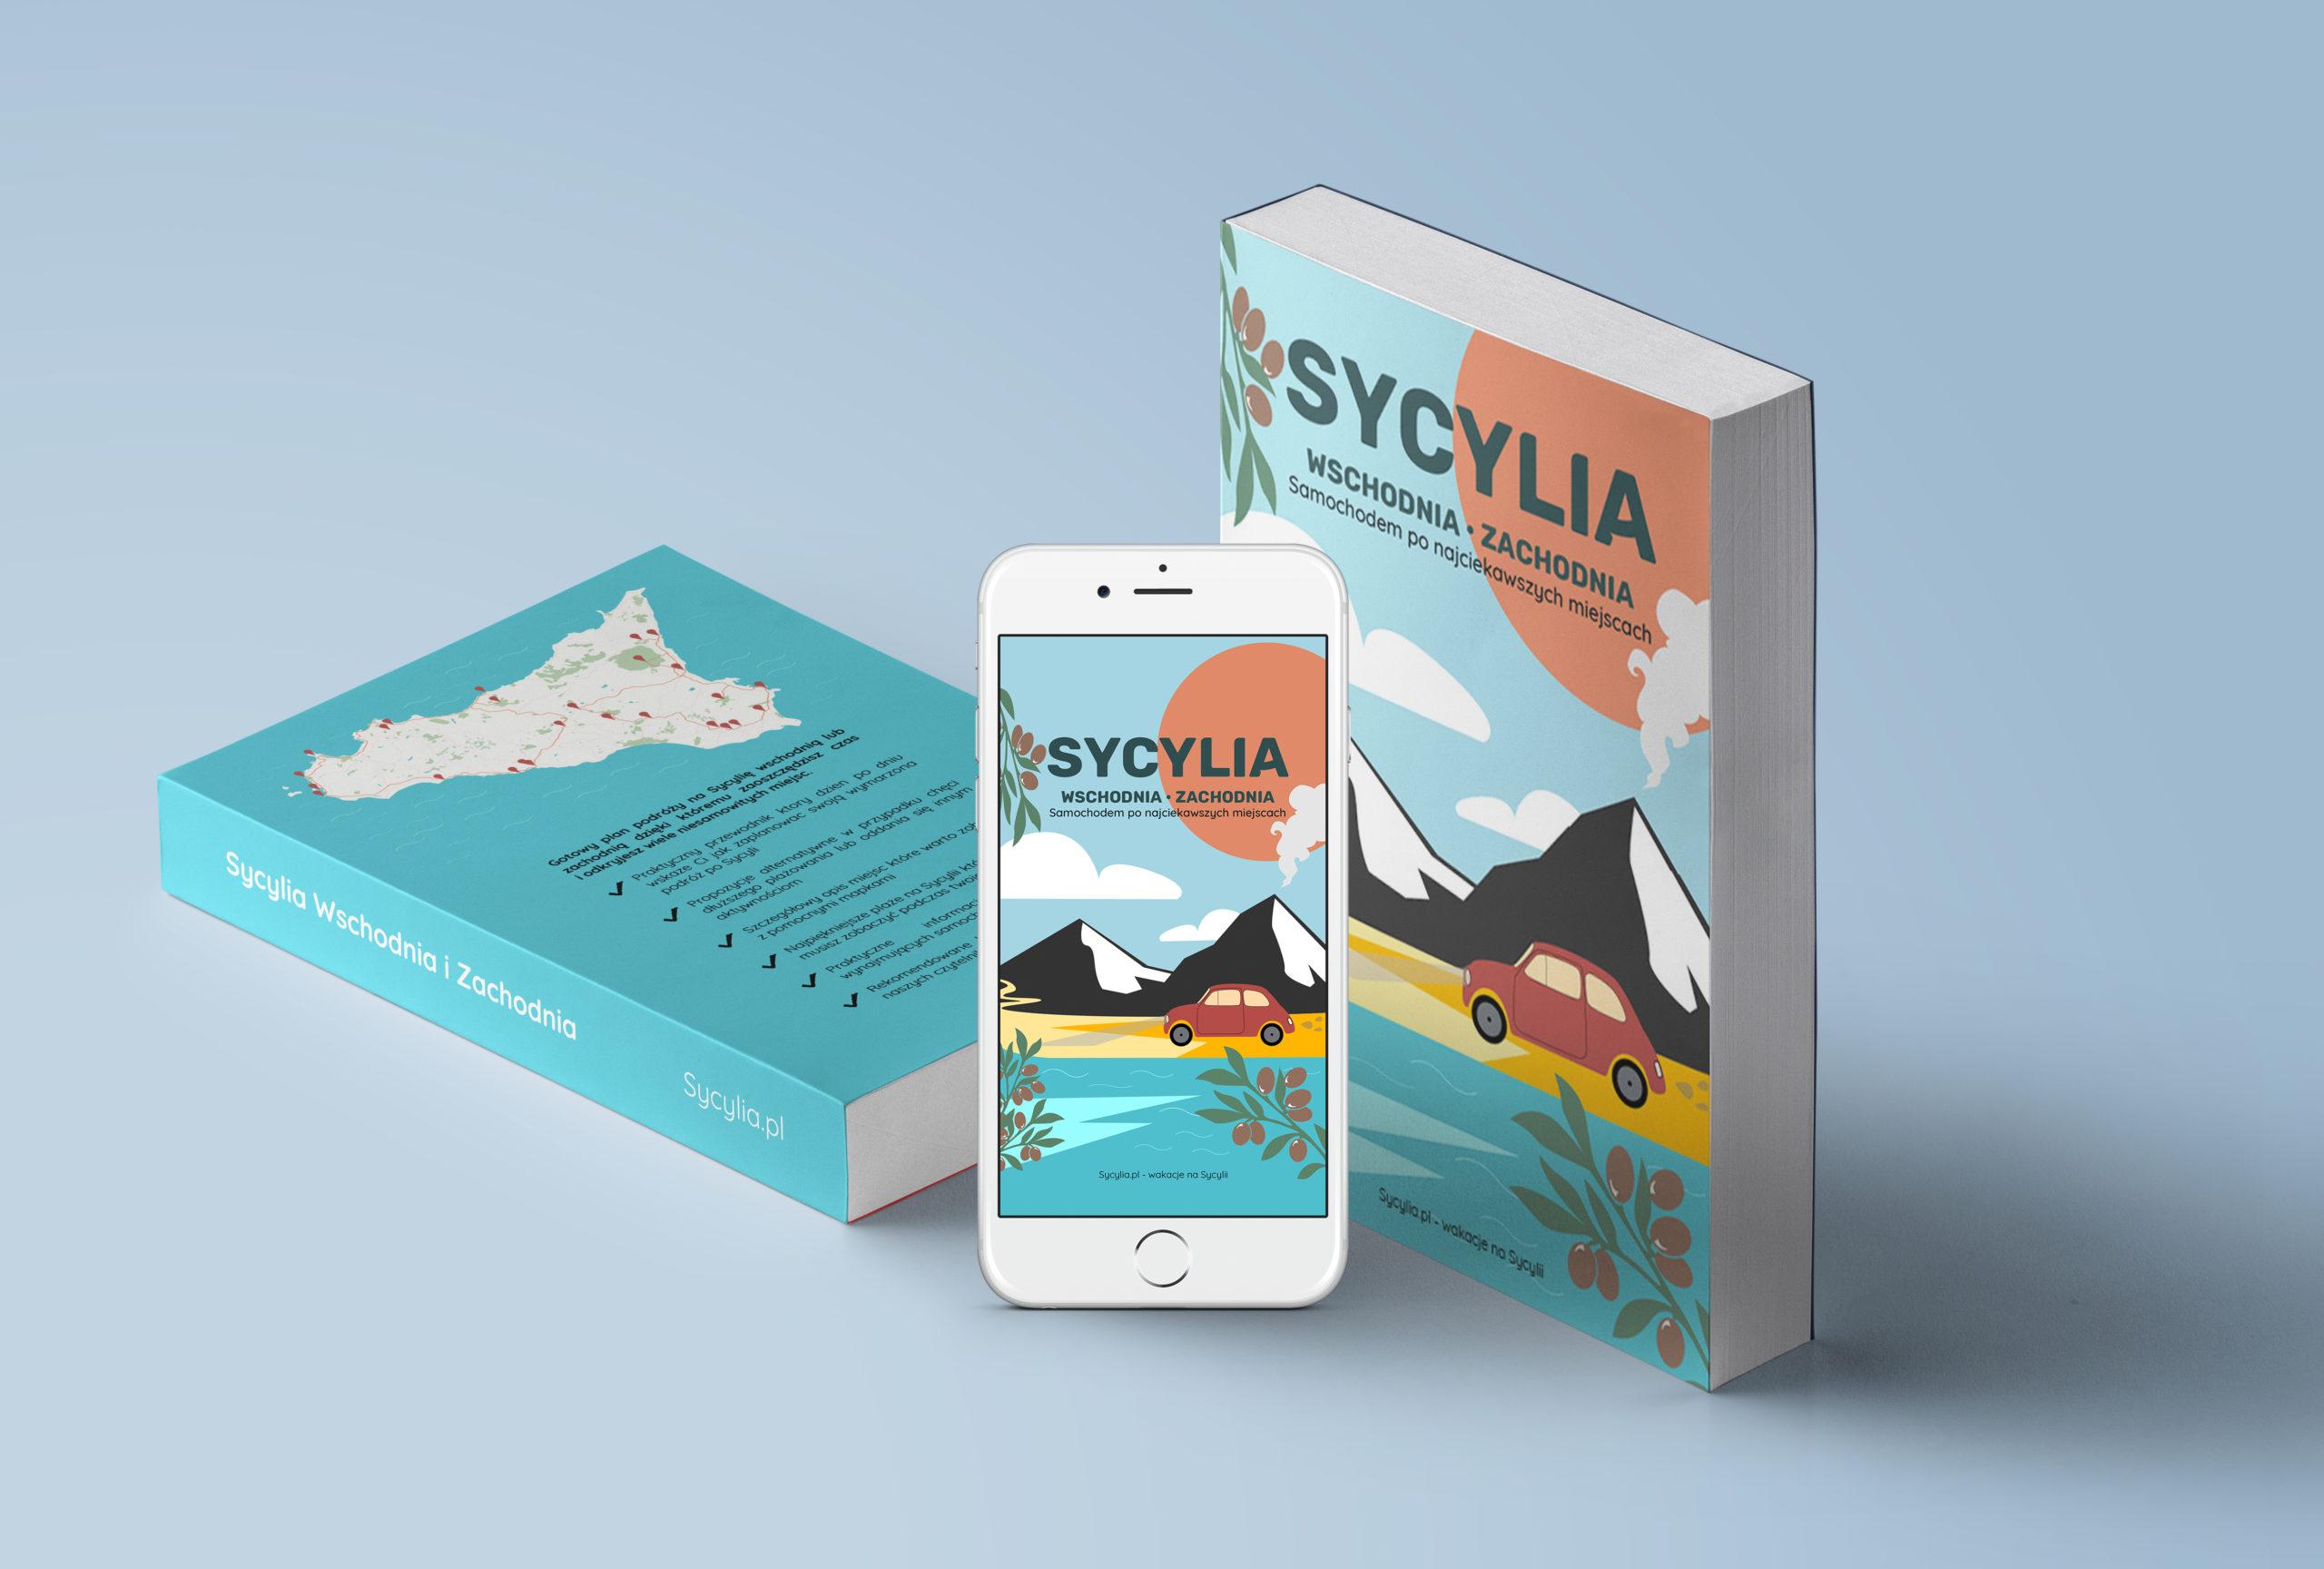 Ebook Sycylia Przewodnik